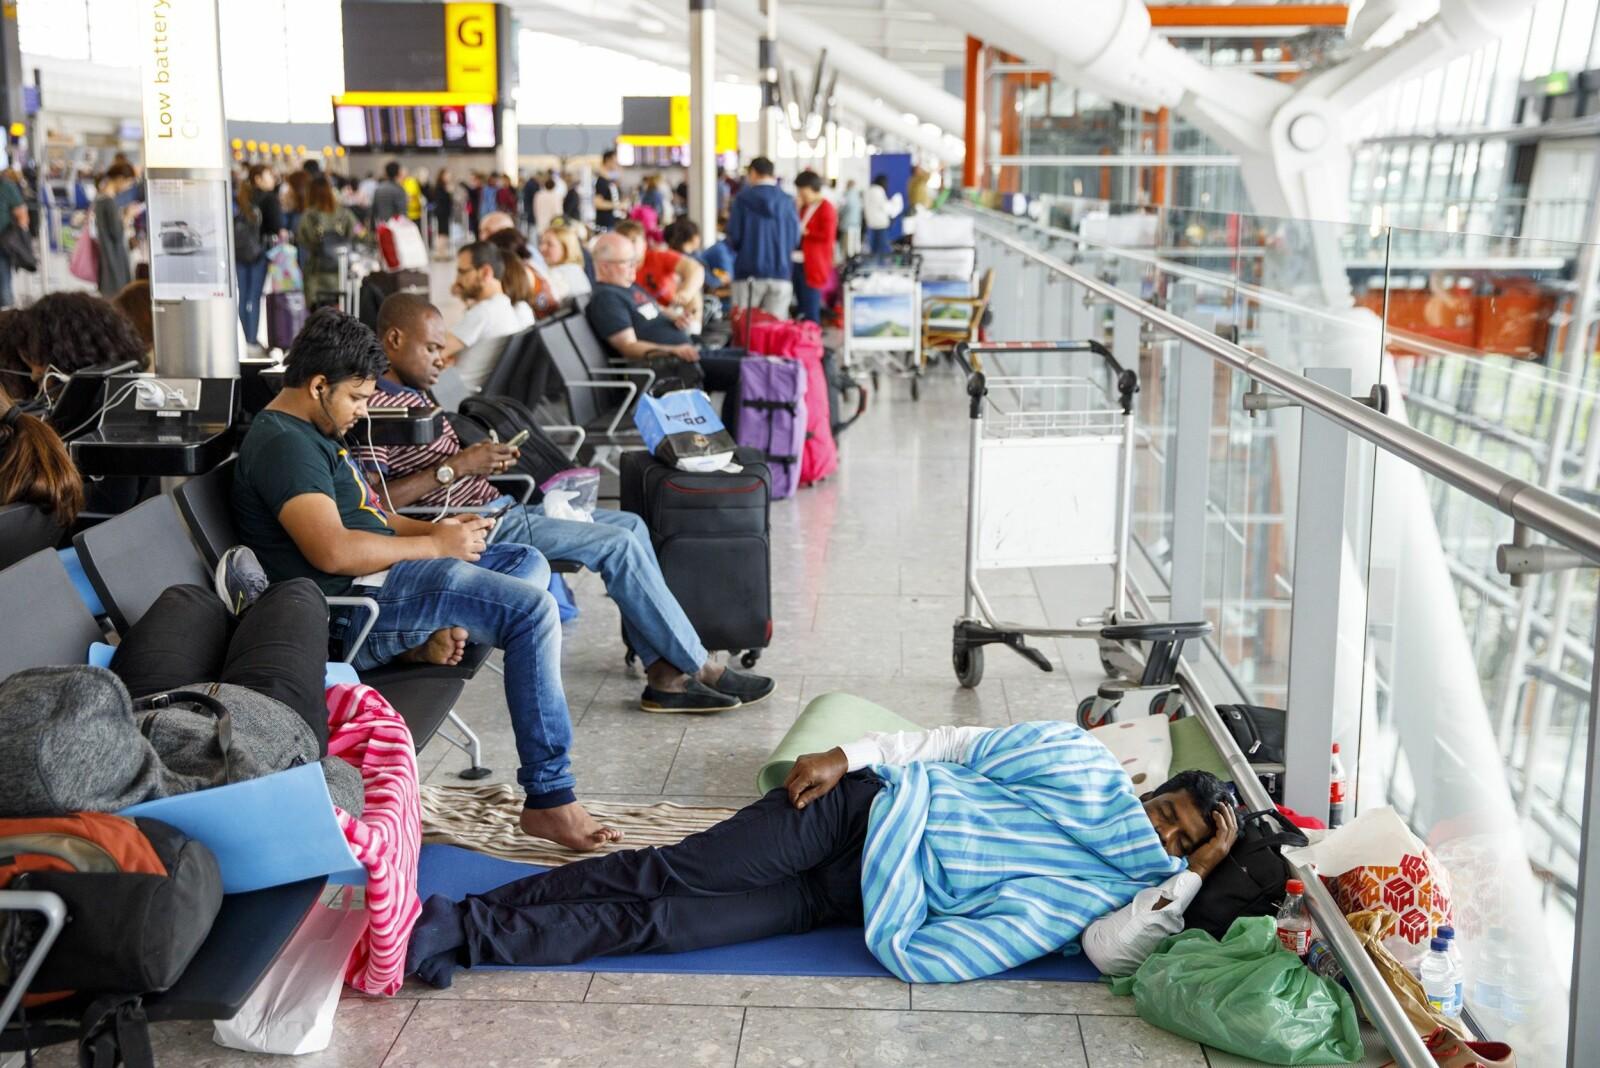 """<span class=""""bold"""">IT-krasj</span> Ferietrafikken ble for heftig for British Airways. I 2017 krasjet it-systemene på Heathrow flyplass i London. Flyselskapene skylder gjerne på vær og flyveledere. Men hvem har skylden i de største forsinkelsene?"""